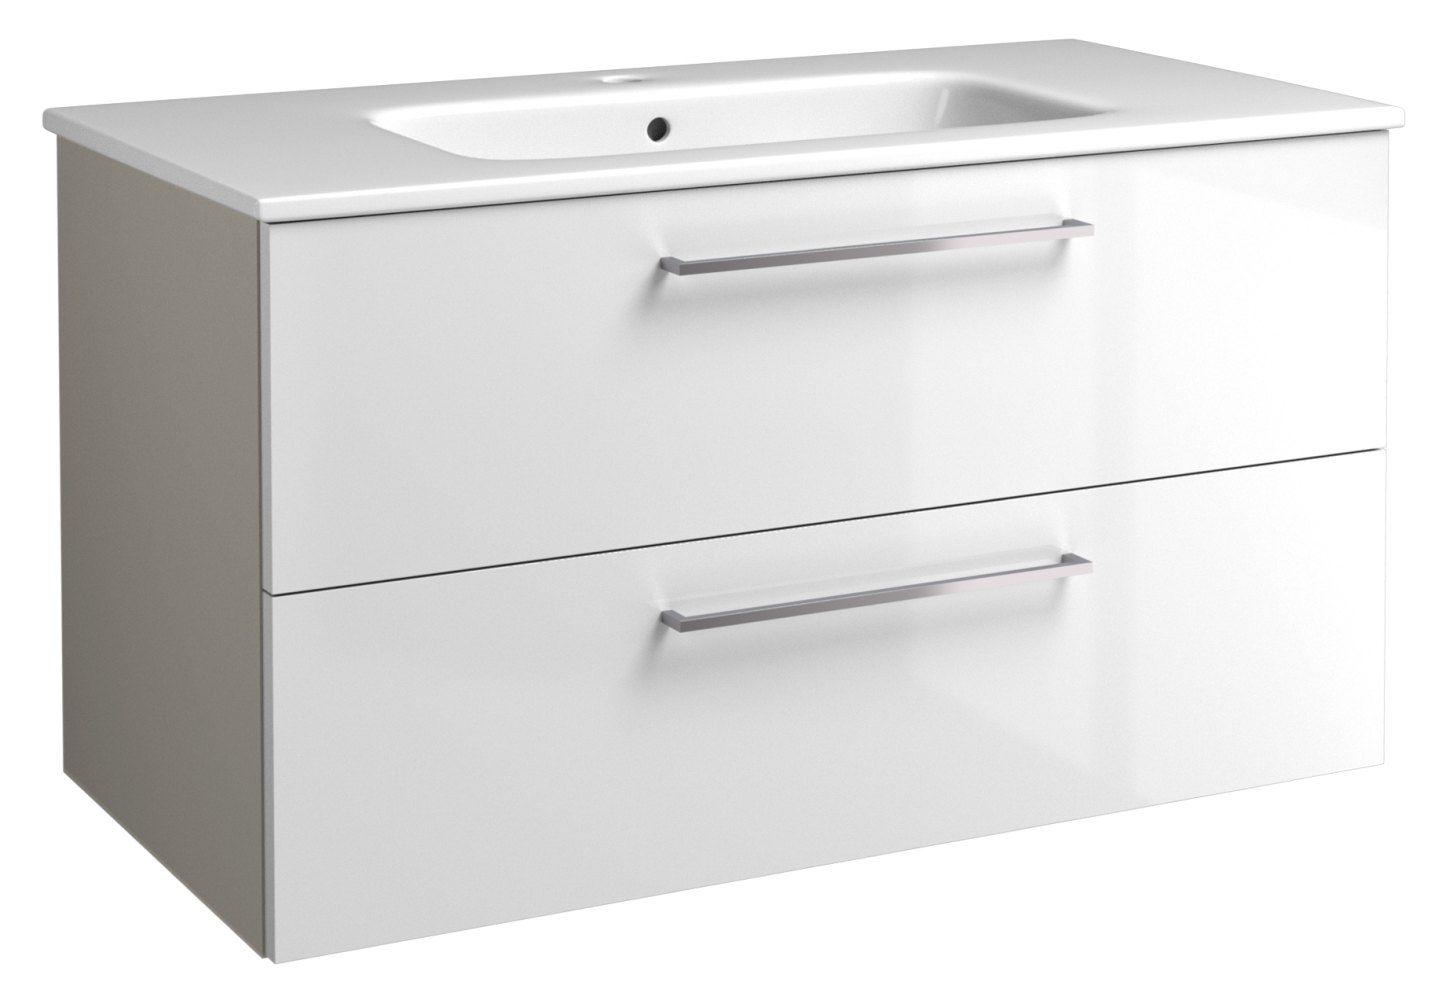 Waschtischunterschrank Noida 19, Farbe: Beige / Weiß glänzend – 50 x 91 x 46 cm (H x B x T)